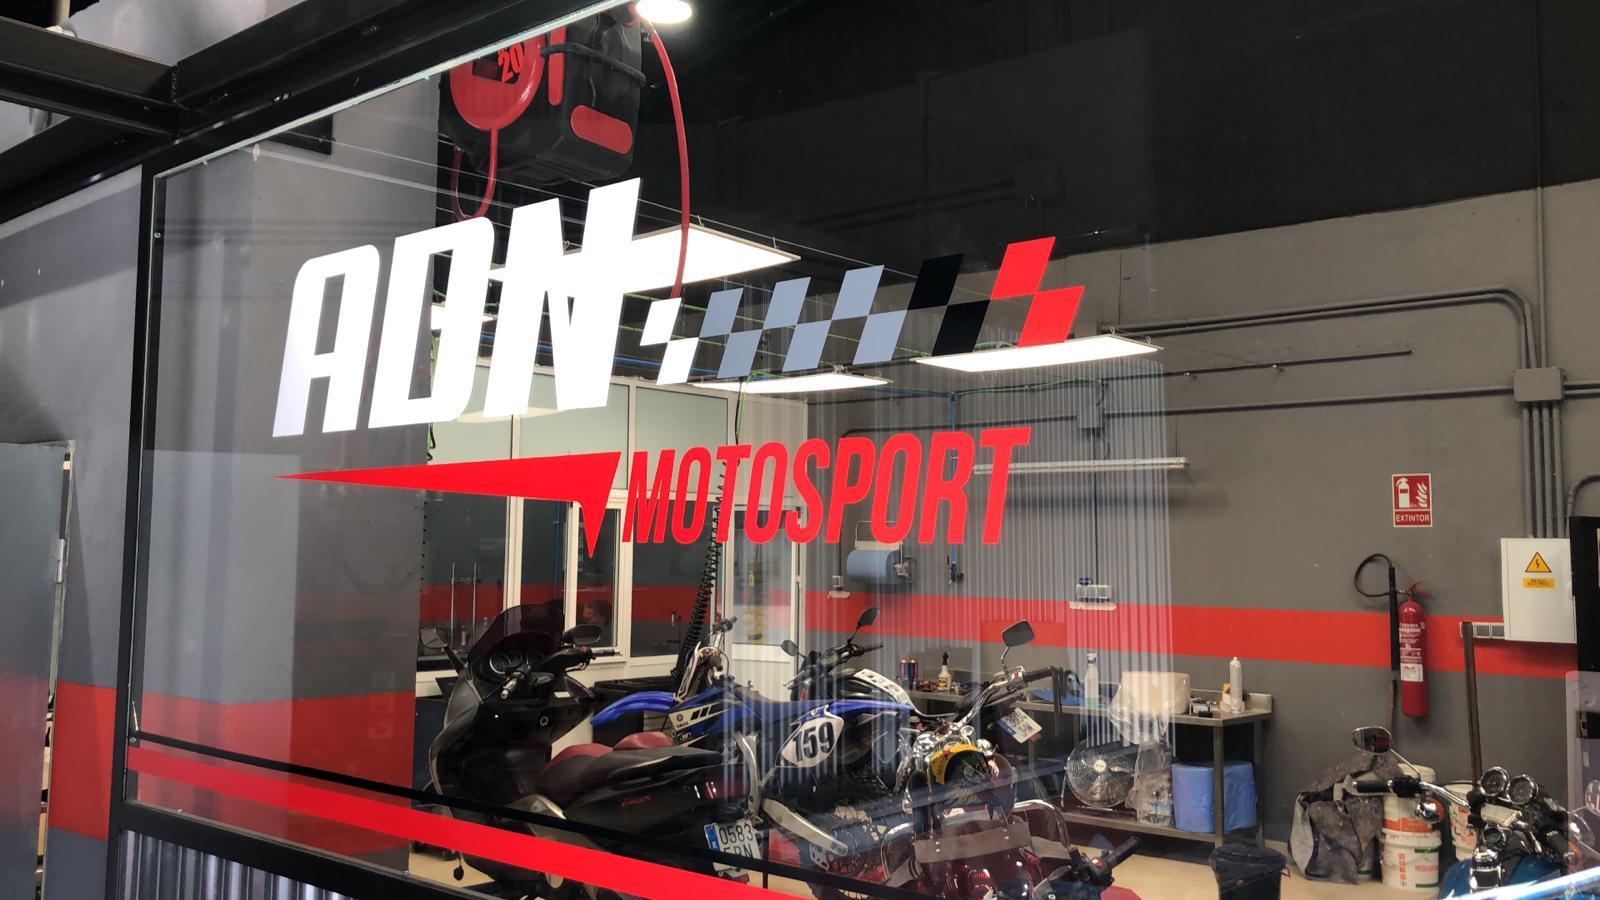 Escaparate de ADN Motorsport con vinilo